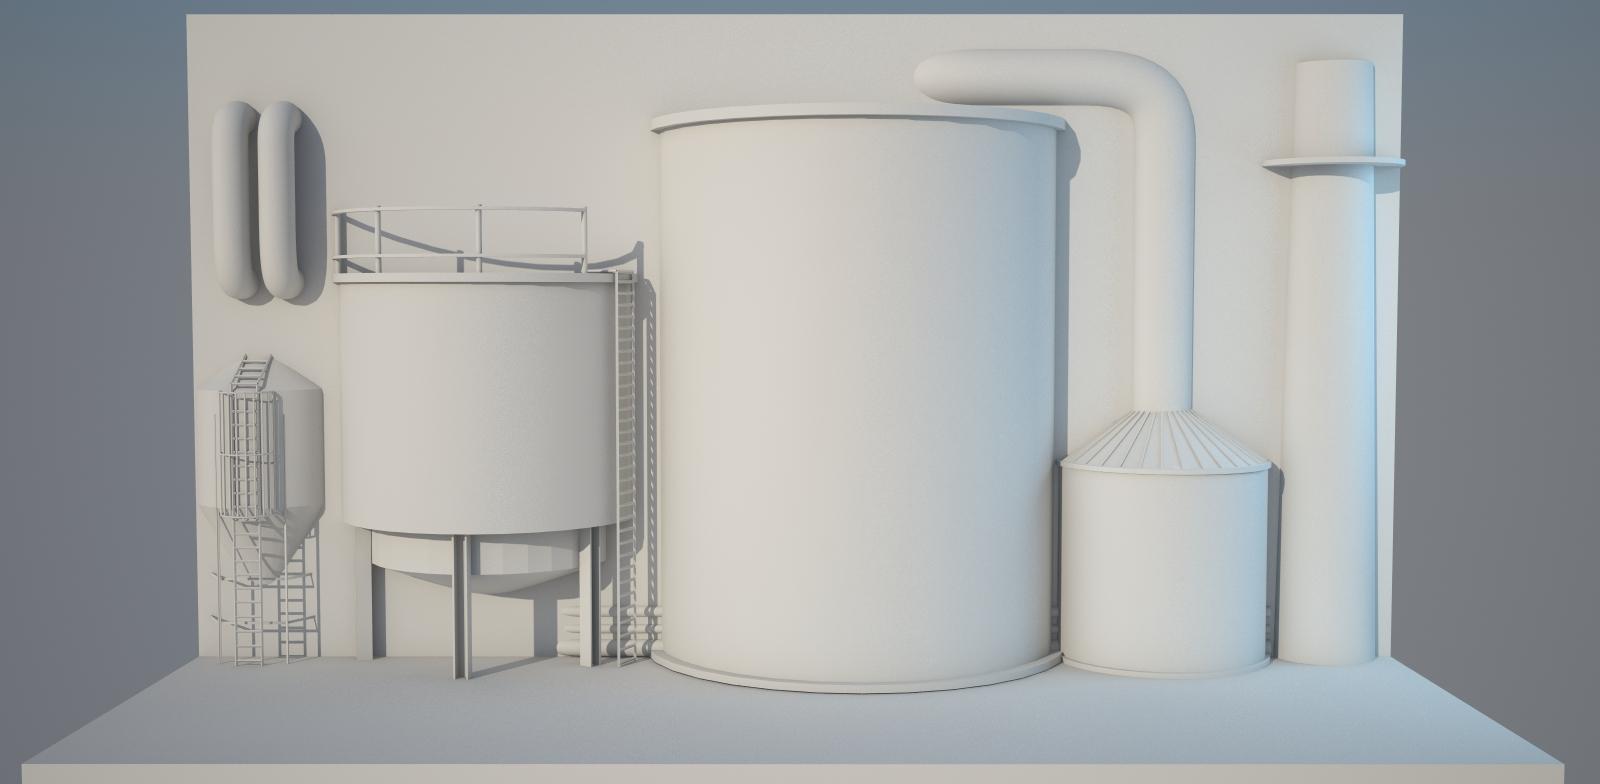 עיצוב במה לכיל כימיקלים